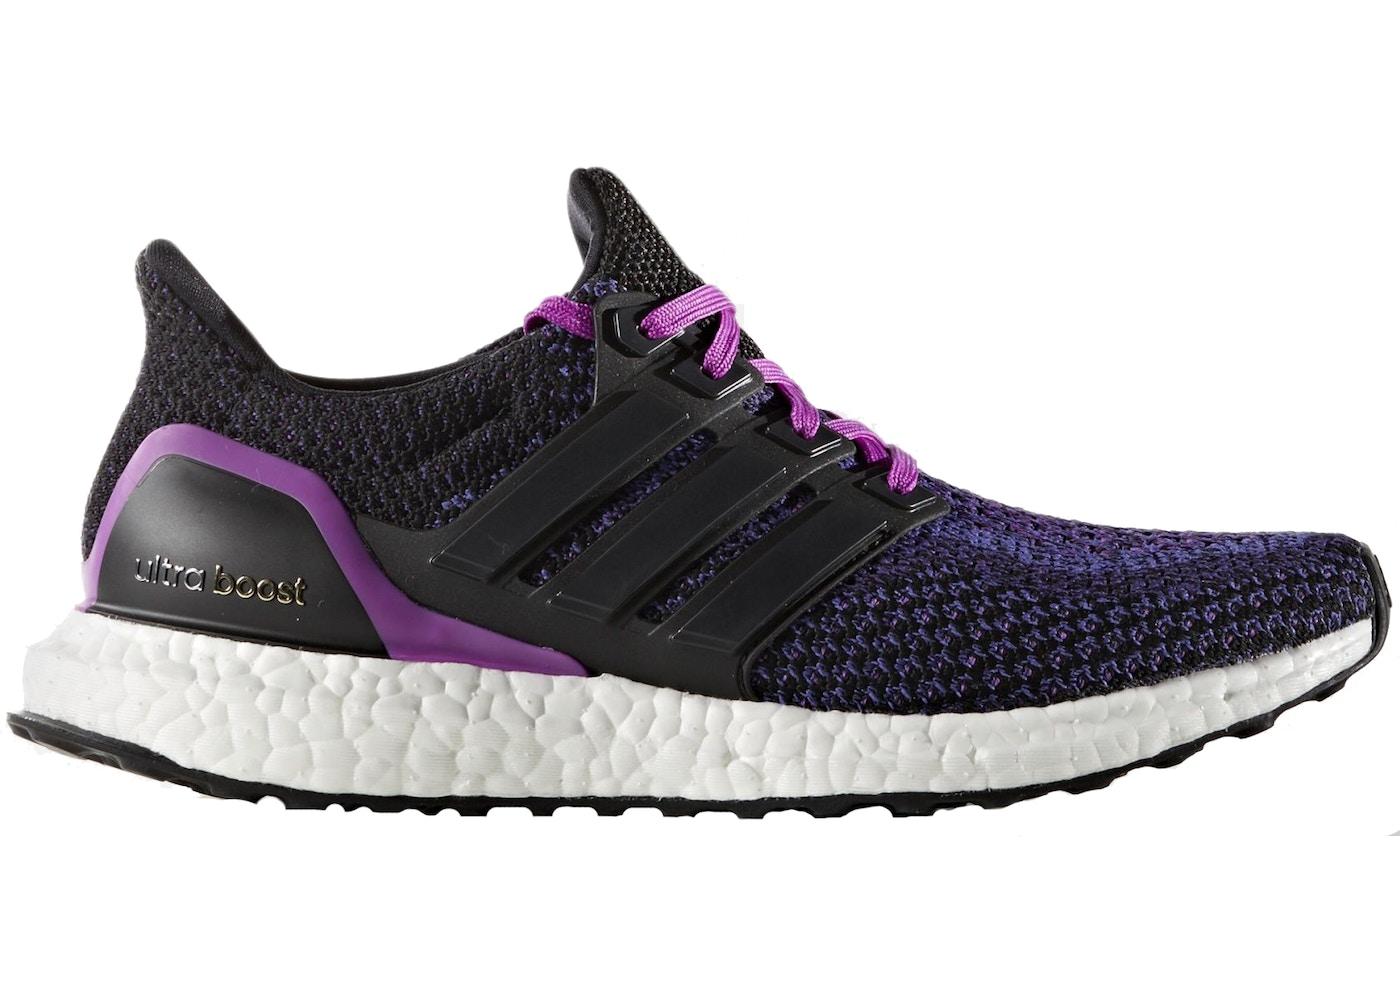 e19b46d0cb0 adidas Ultra Boost 2.0 Shock Purple (W) - AQ5935